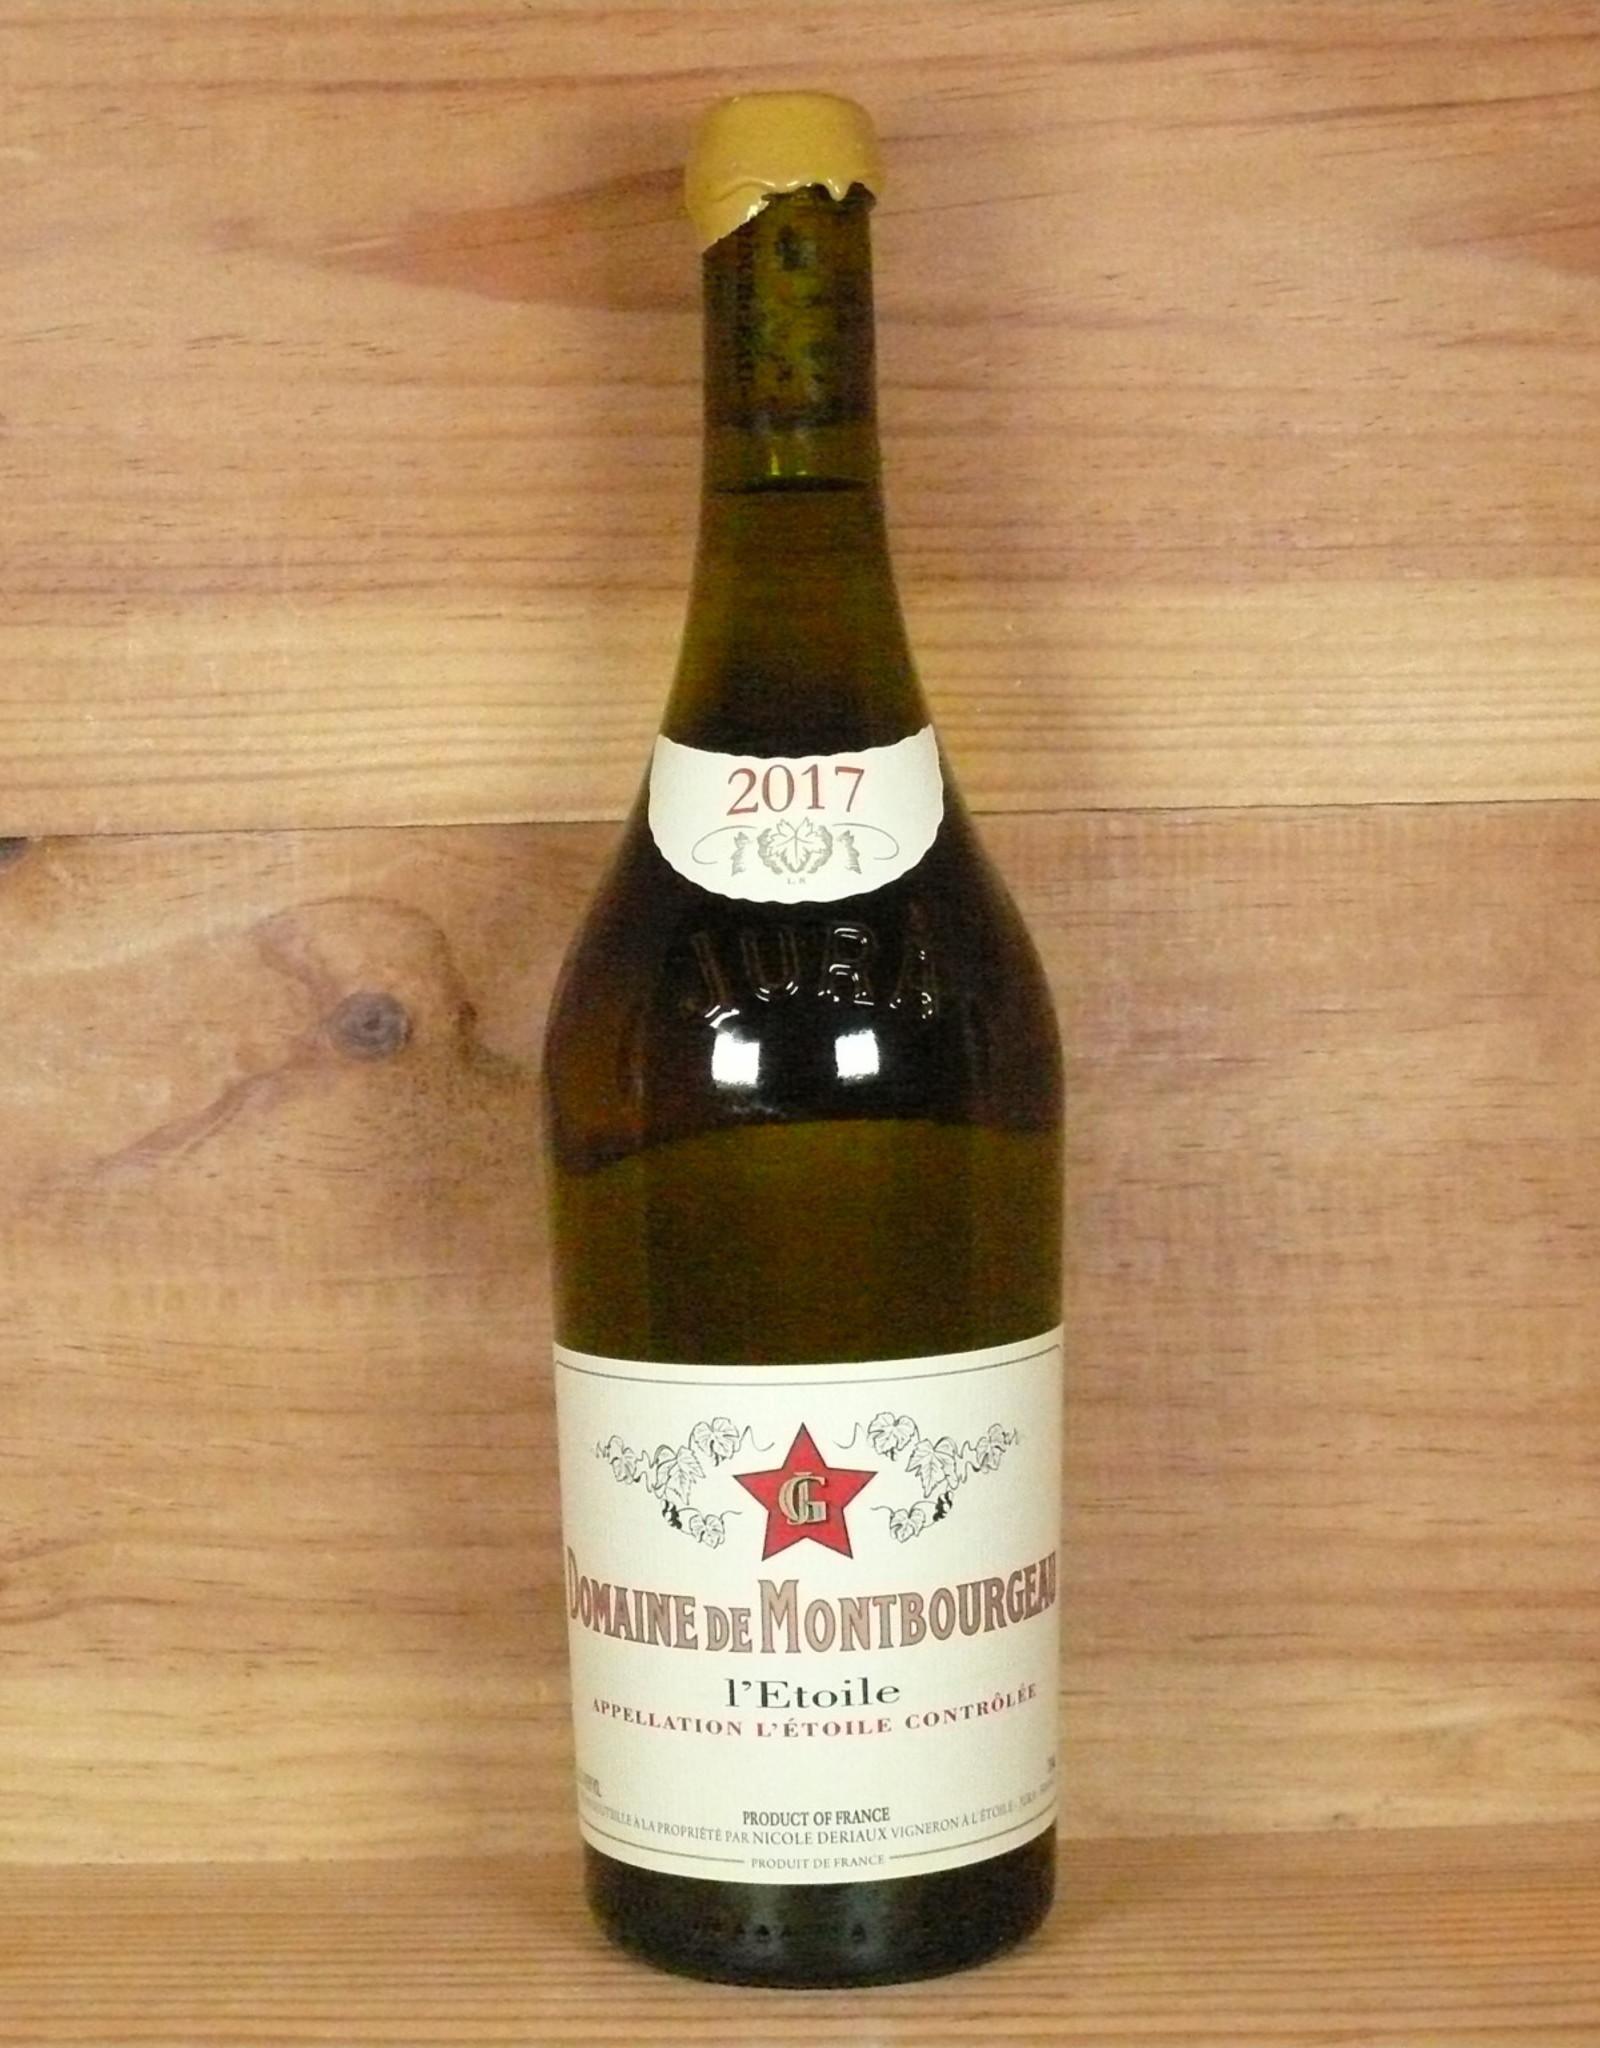 """Domaine de Montbourgeau """"L'Etoile Chardonnay"""" 2017"""